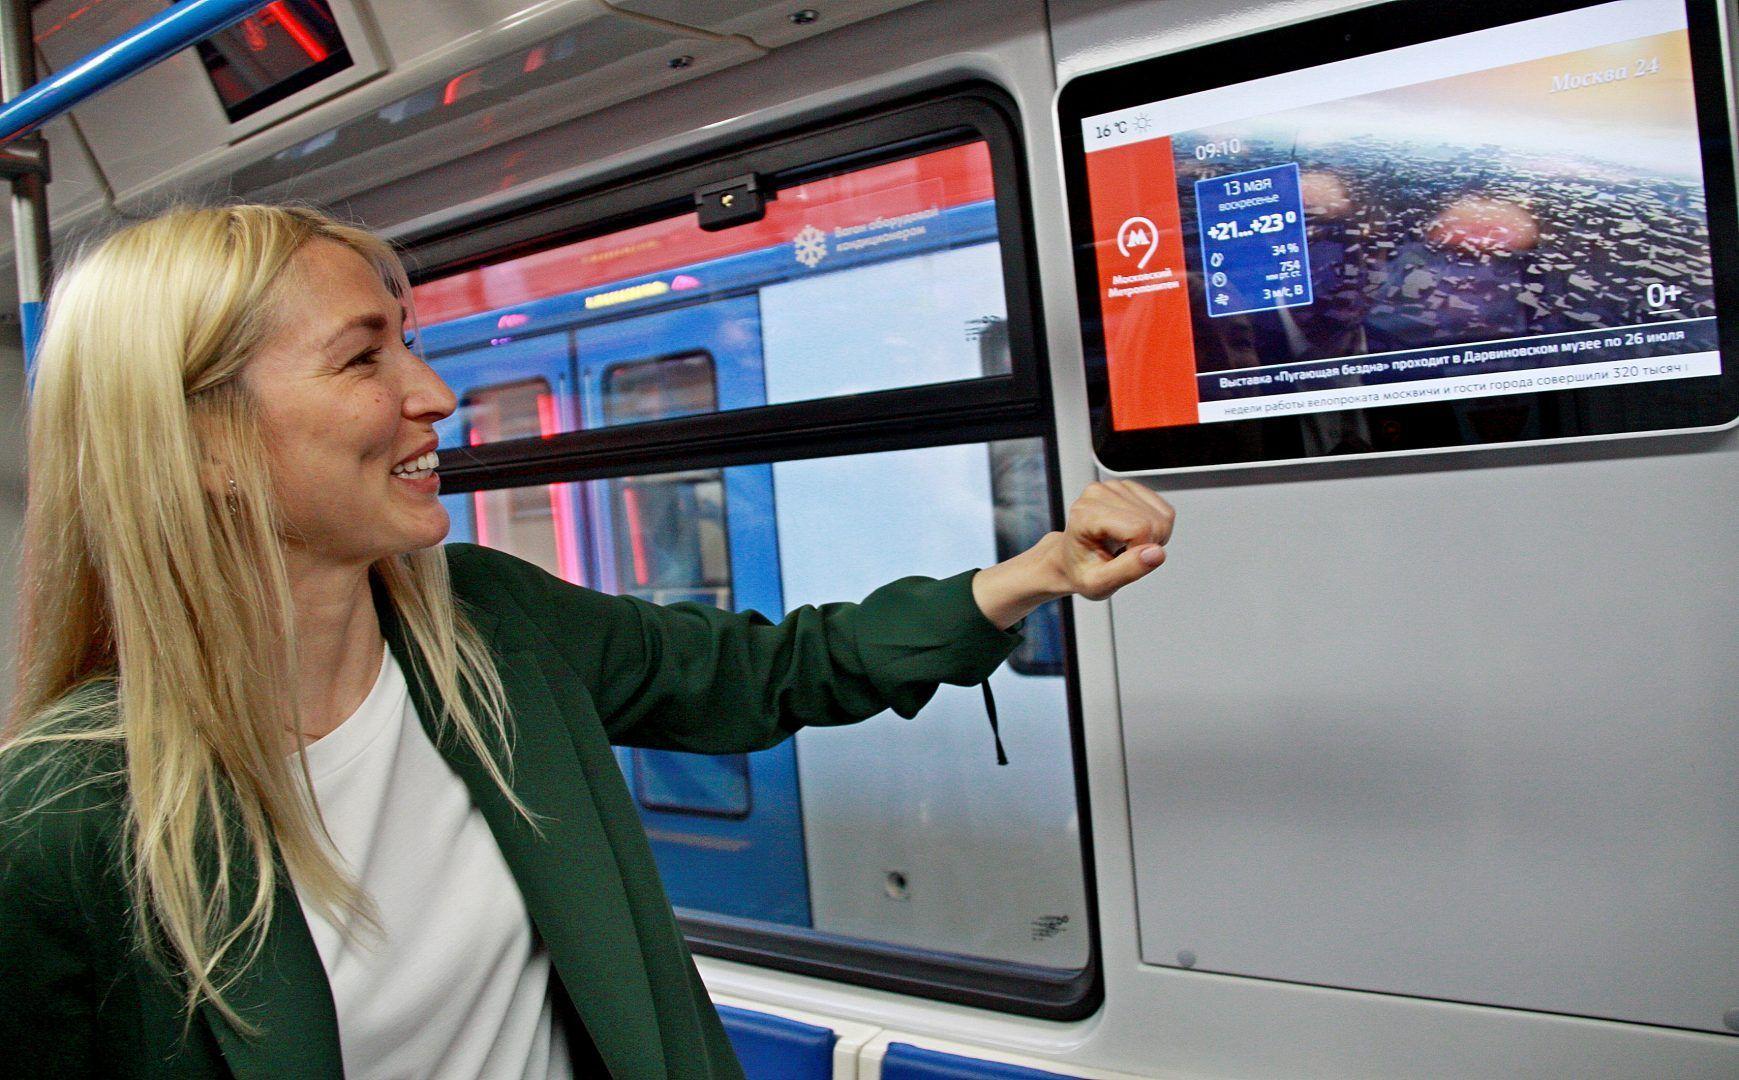 Для отделки новых вагонов использованы гигиенические материалы, которые легко очищается. Фото: Павел Волков, «Вечерняя Москва»